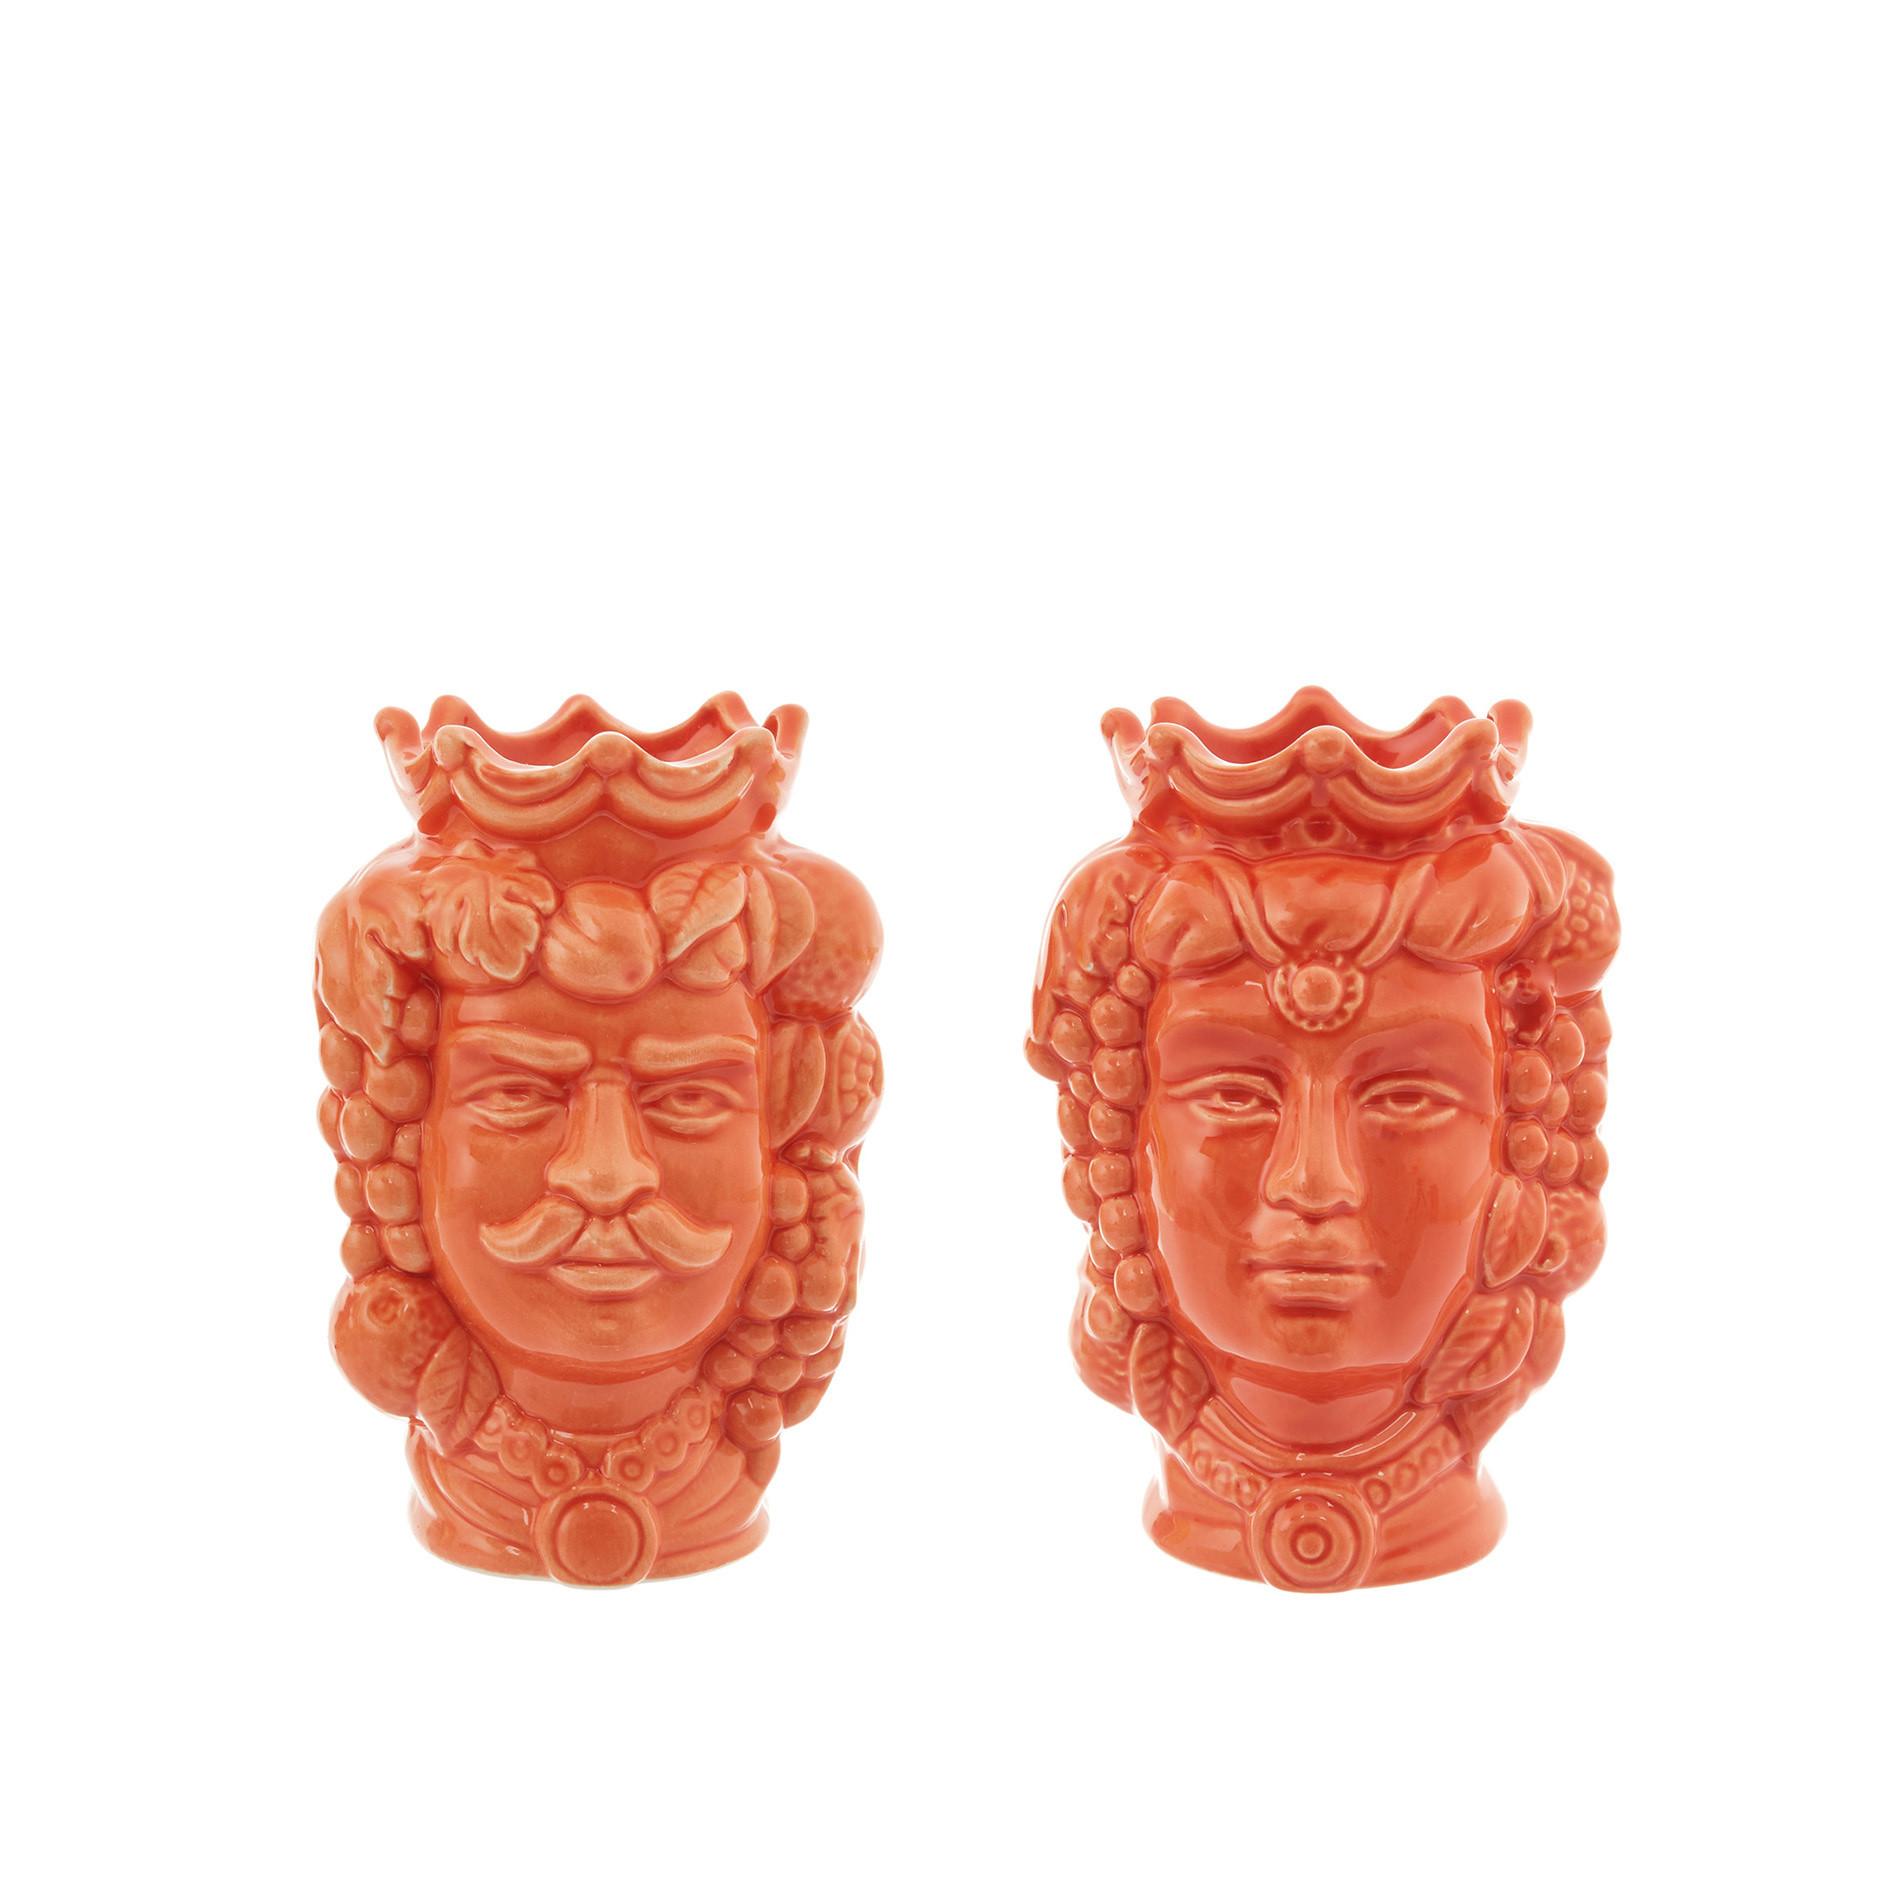 Testa di moro by Ceramiche Siciliane Ruggeri, Arancione, large image number 5